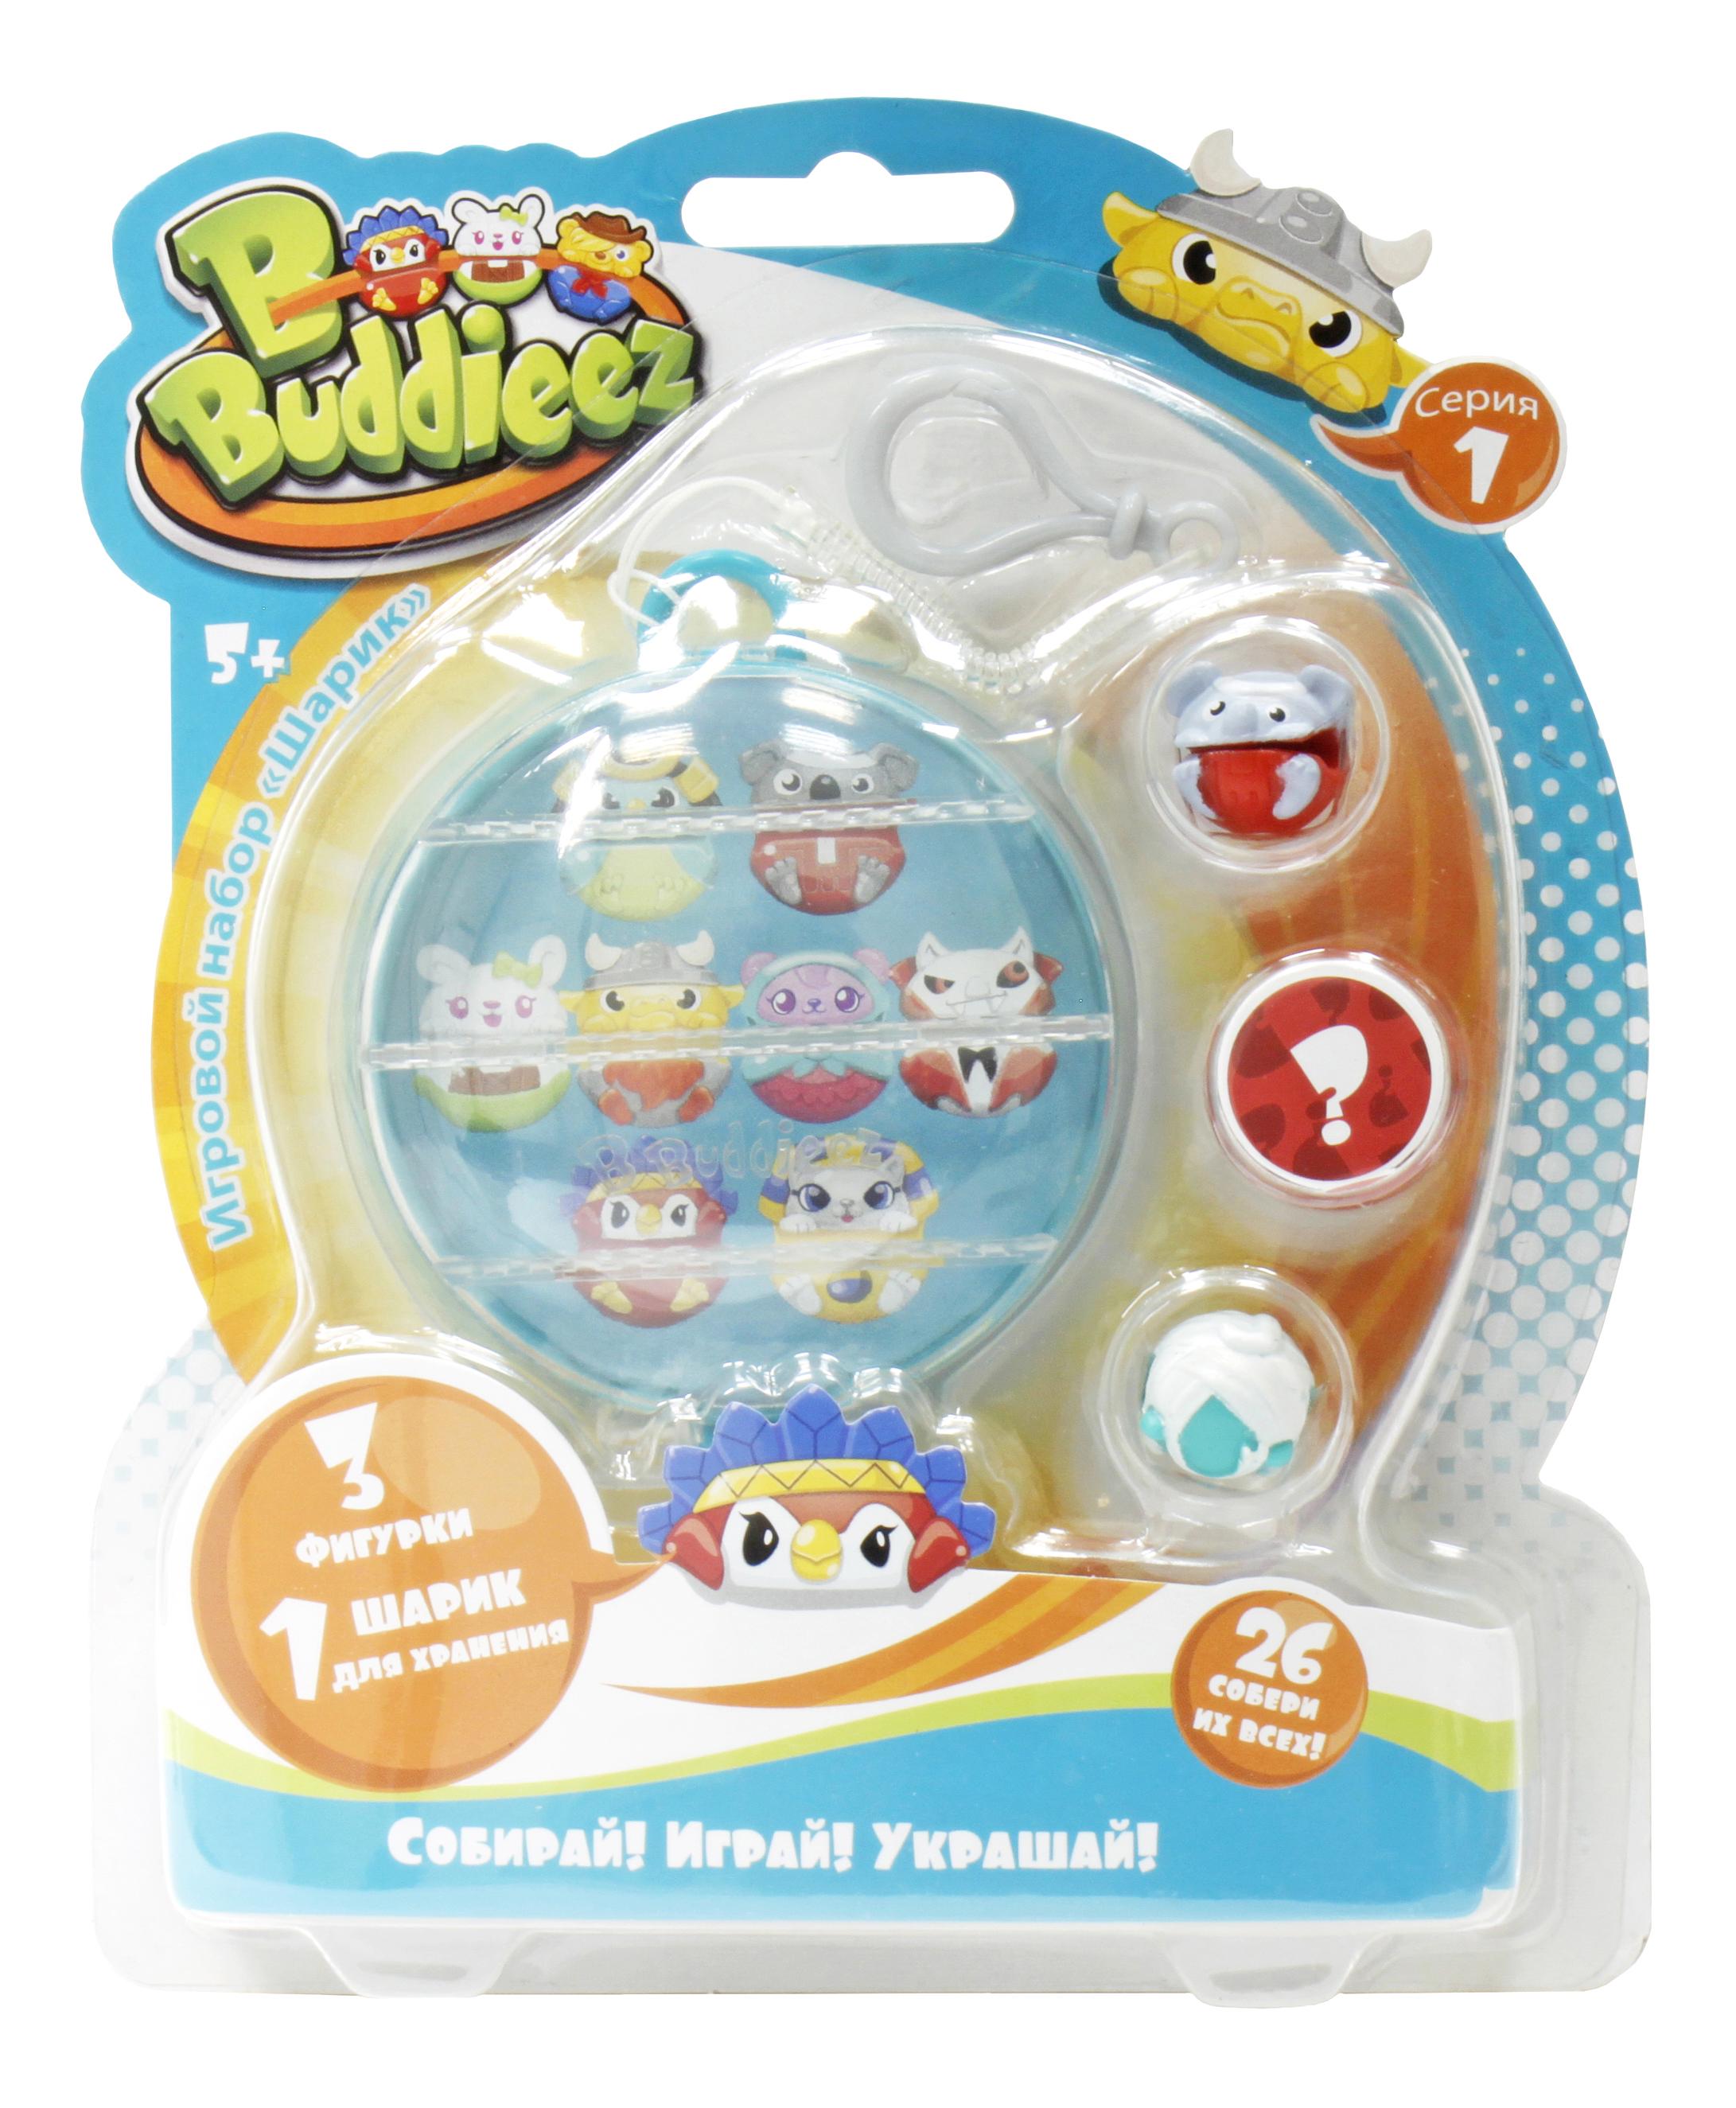 Купить Игровой набор 1TOY Bbuddieez 3 шарма-персонажа, 1 TOY, Игровые наборы